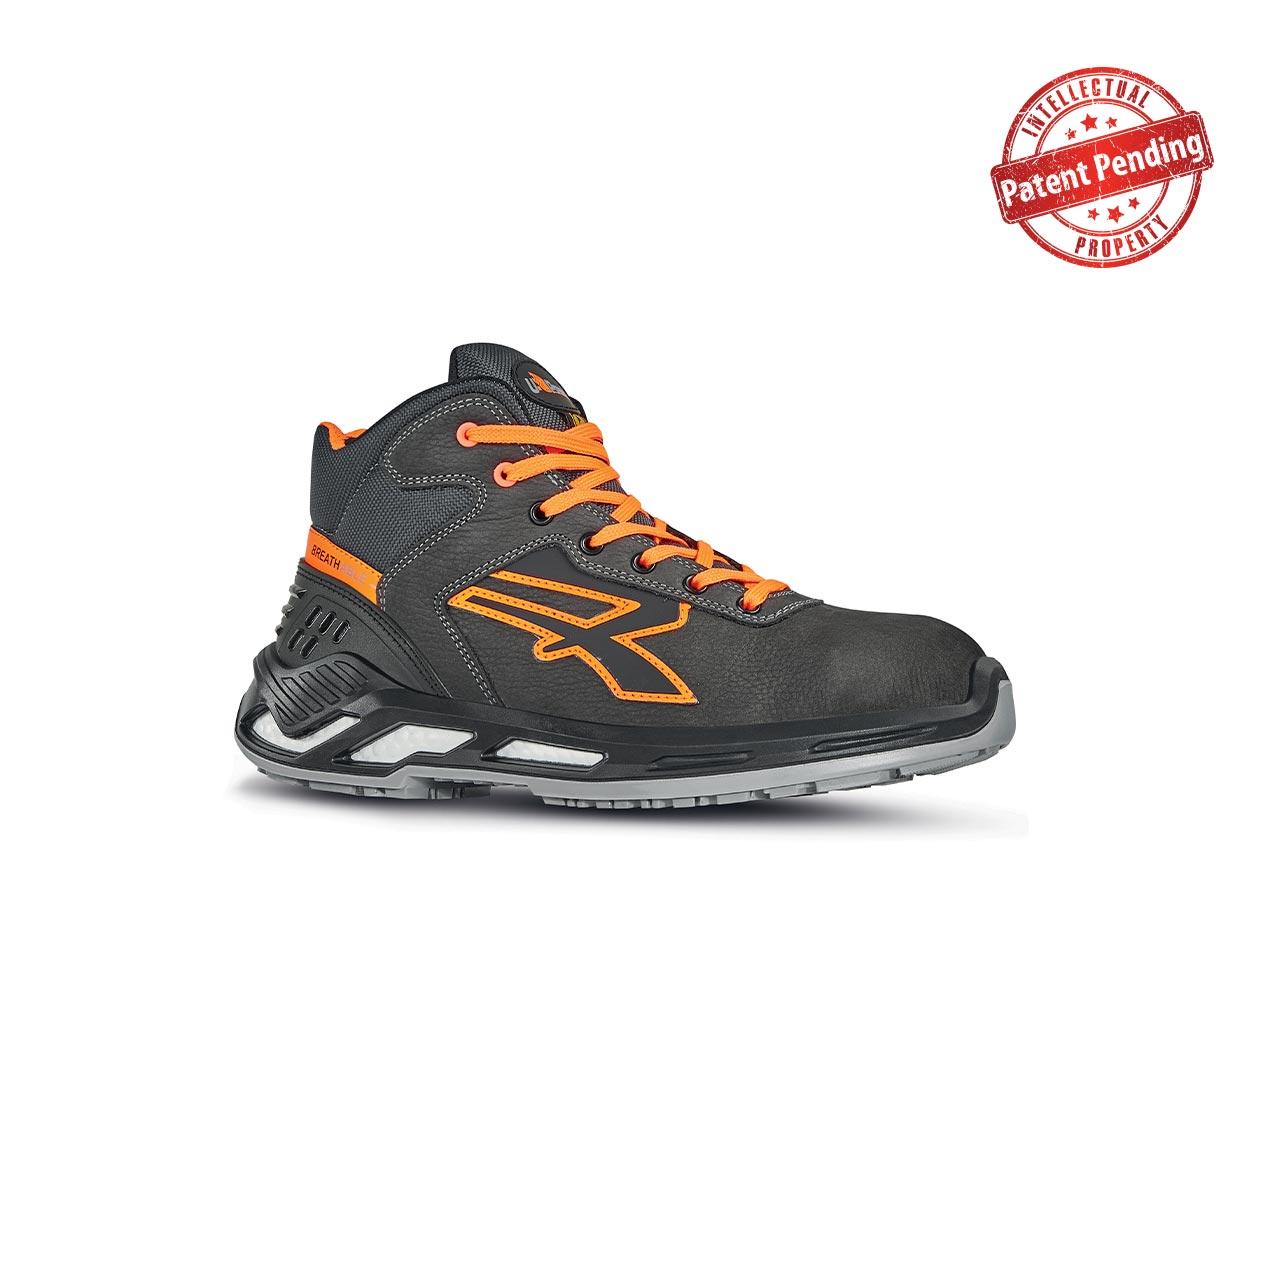 scarpa antinfortunistica upower modello jordan linea red360 vista laterale